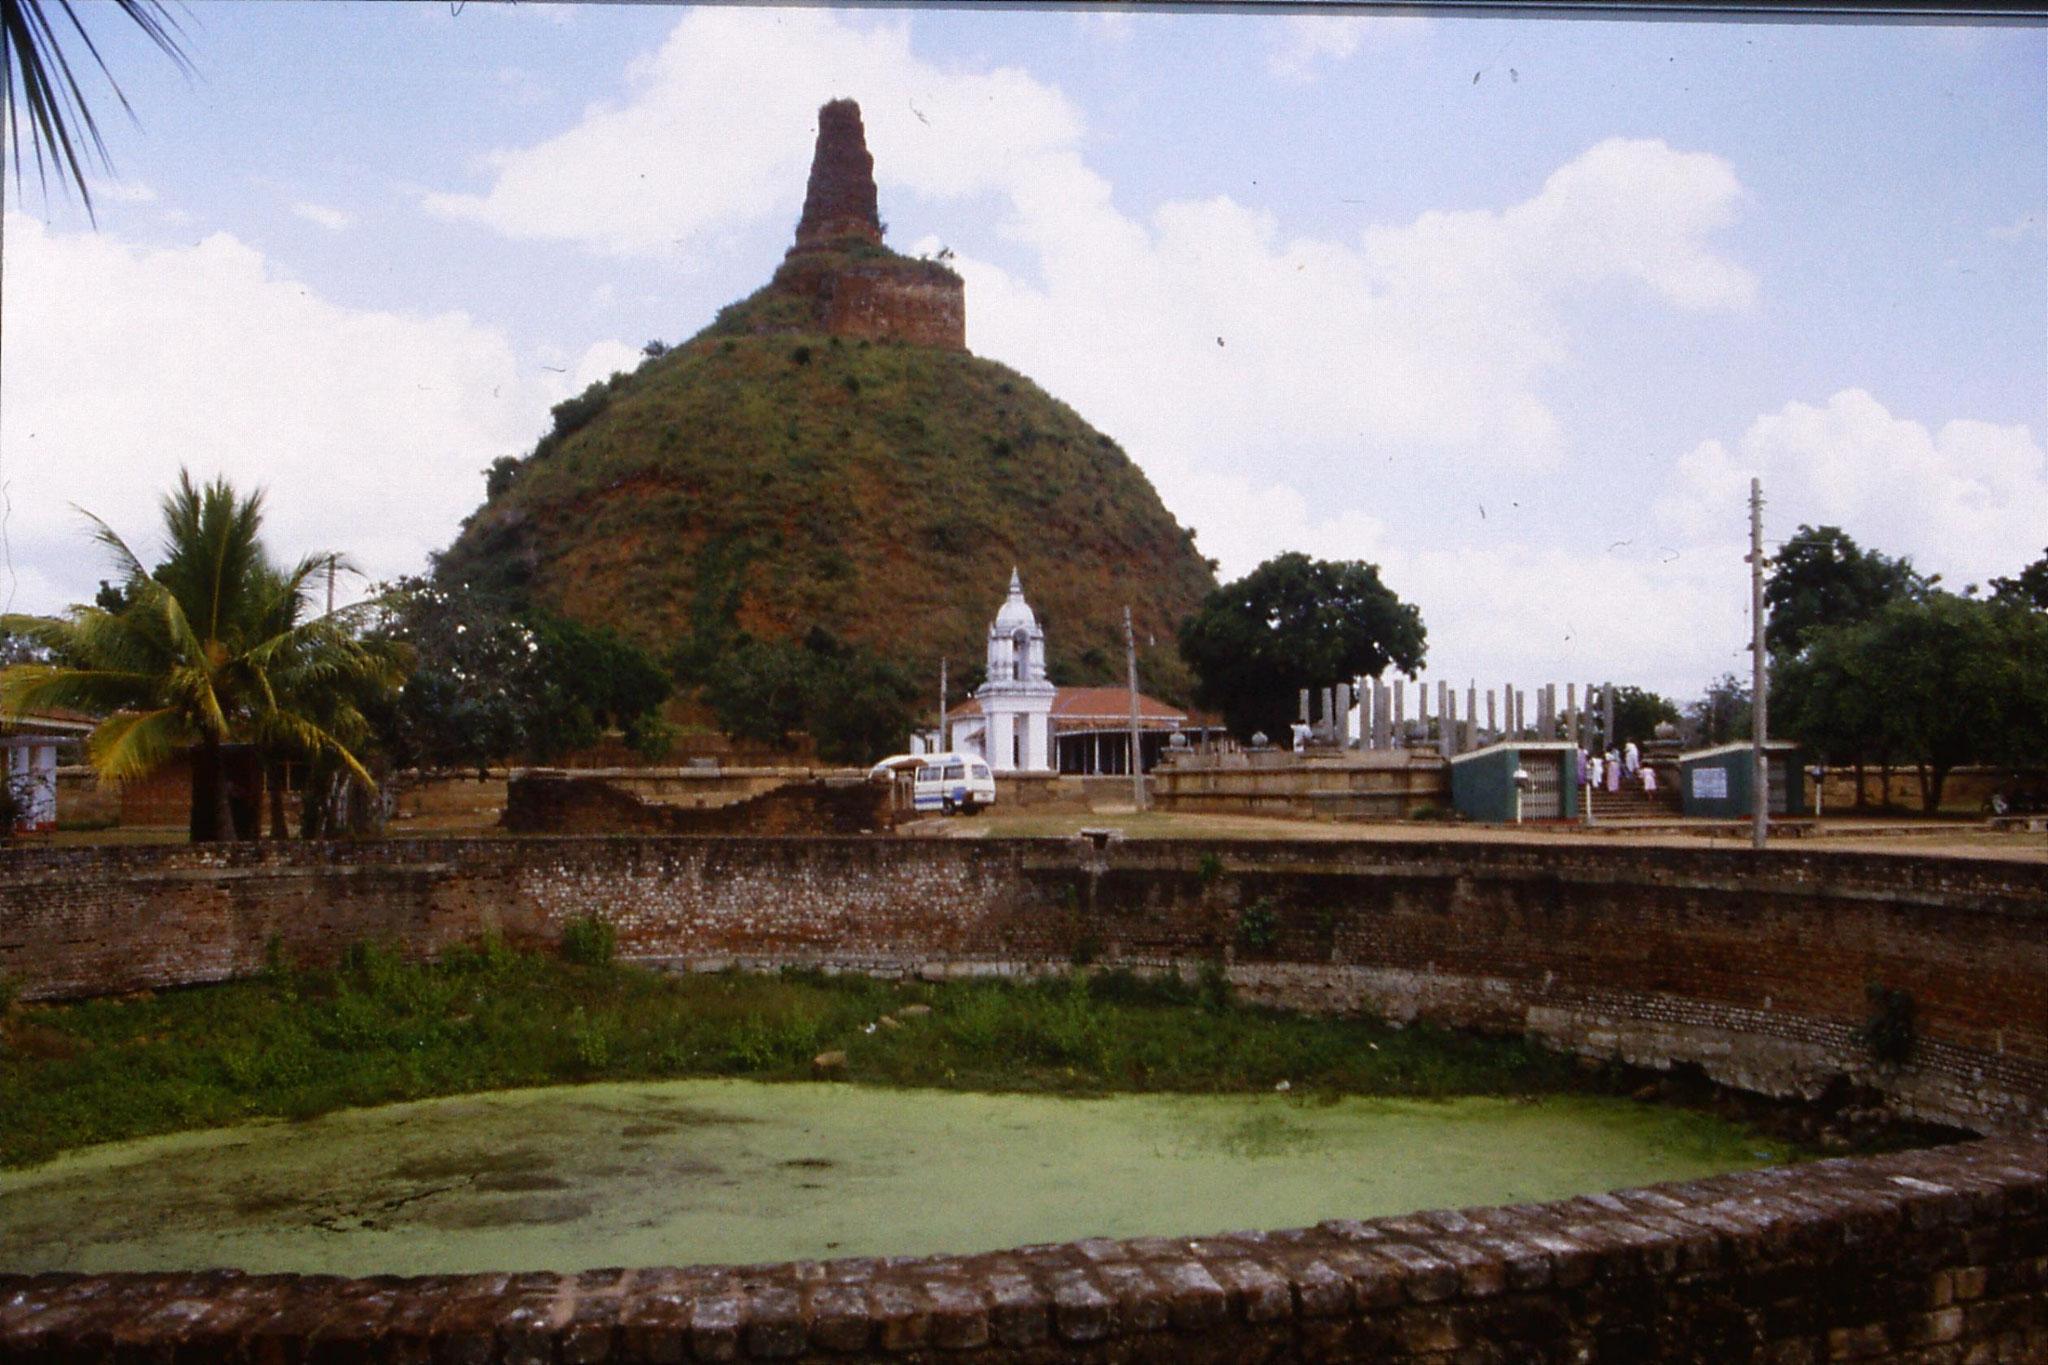 103/10: 9/2/1990 Anuradhapura Abhayagiri dagoba overgrown (245ft)